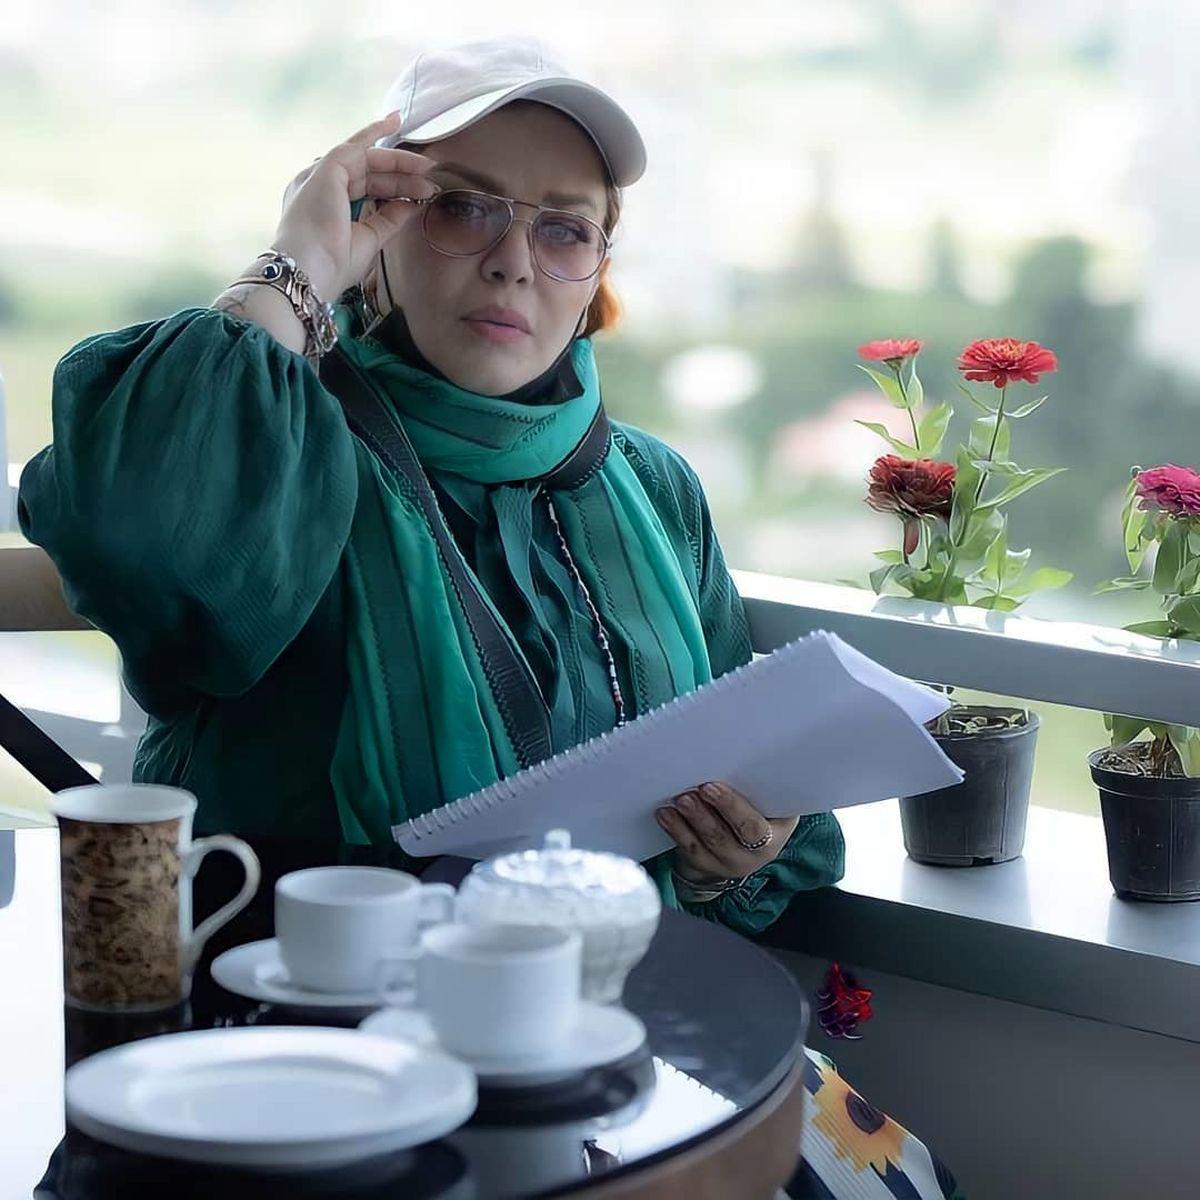 بهاره رهنما در بالکن لاکچری خانه اش + عکس